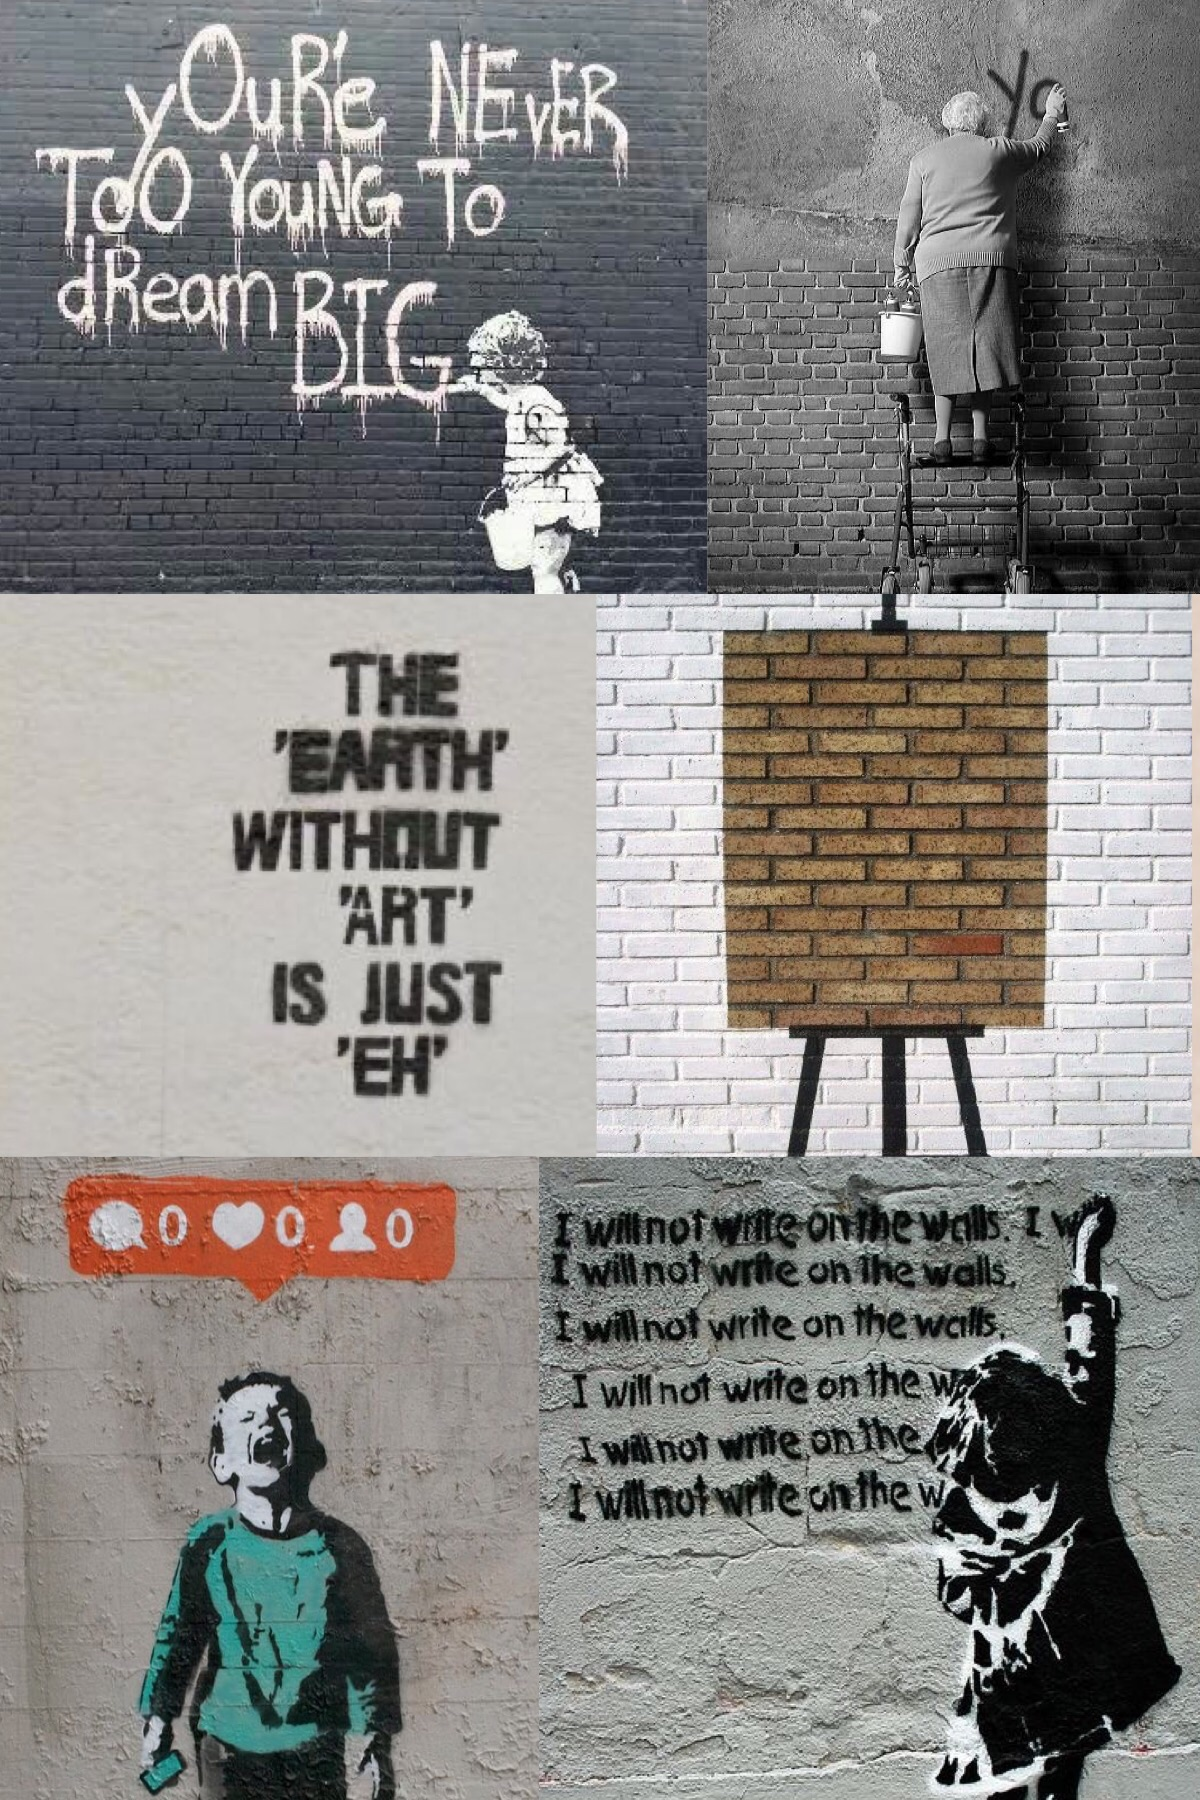 street-art-moodboard-italianbark